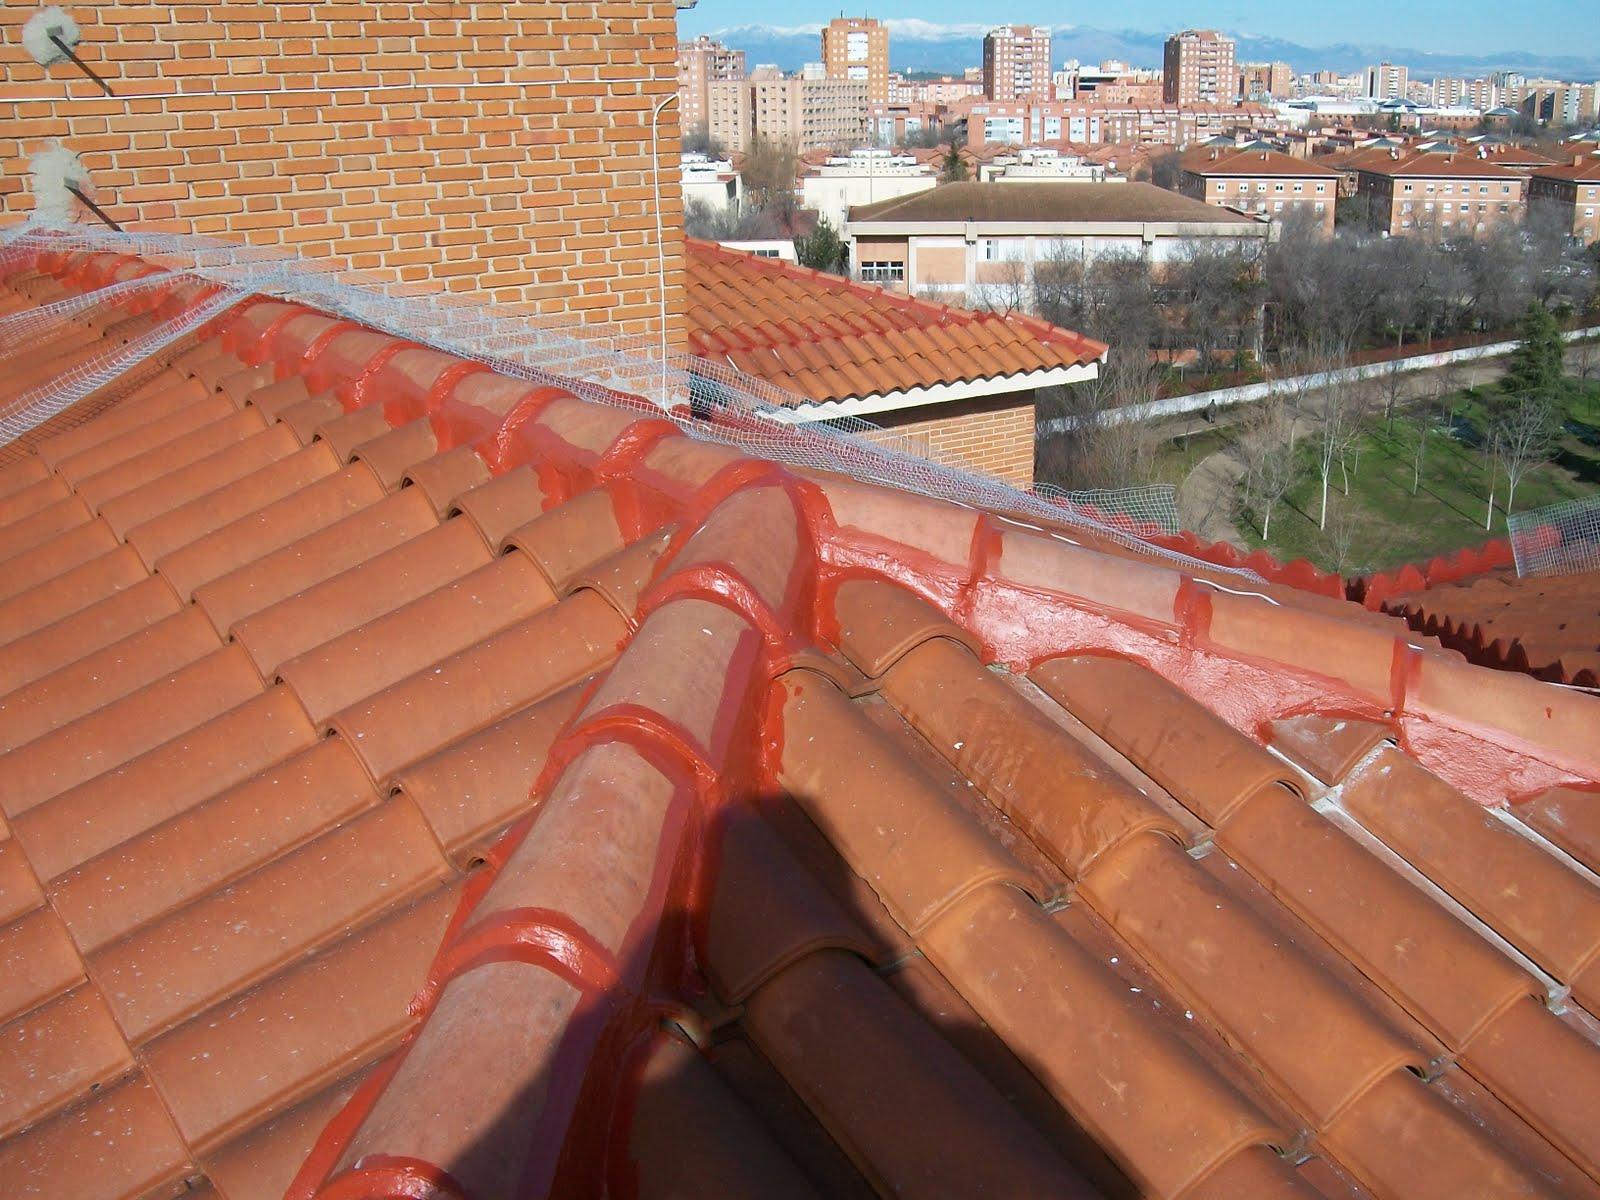 Impermeabilizar cubierta impermeabilizar tejado teja - Dibujos de tejados ...